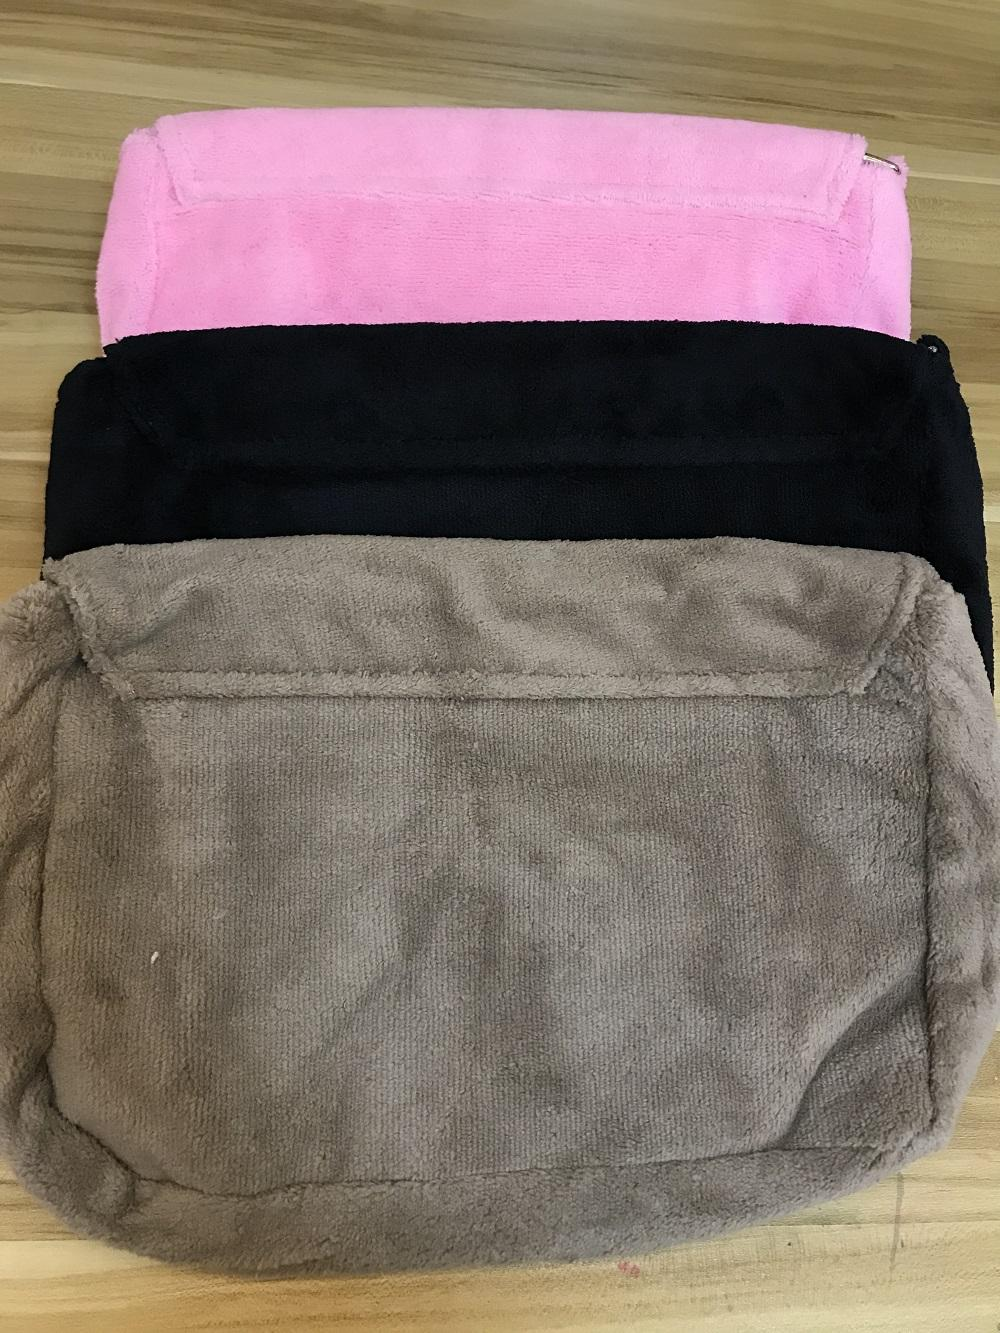 Moda Bolsa de maquillaje suave Classic Winter 3 colores Piel de fiesta bolsa de franela Bolso de hombro de buena calidad Paquete de almacenamiento de peluche